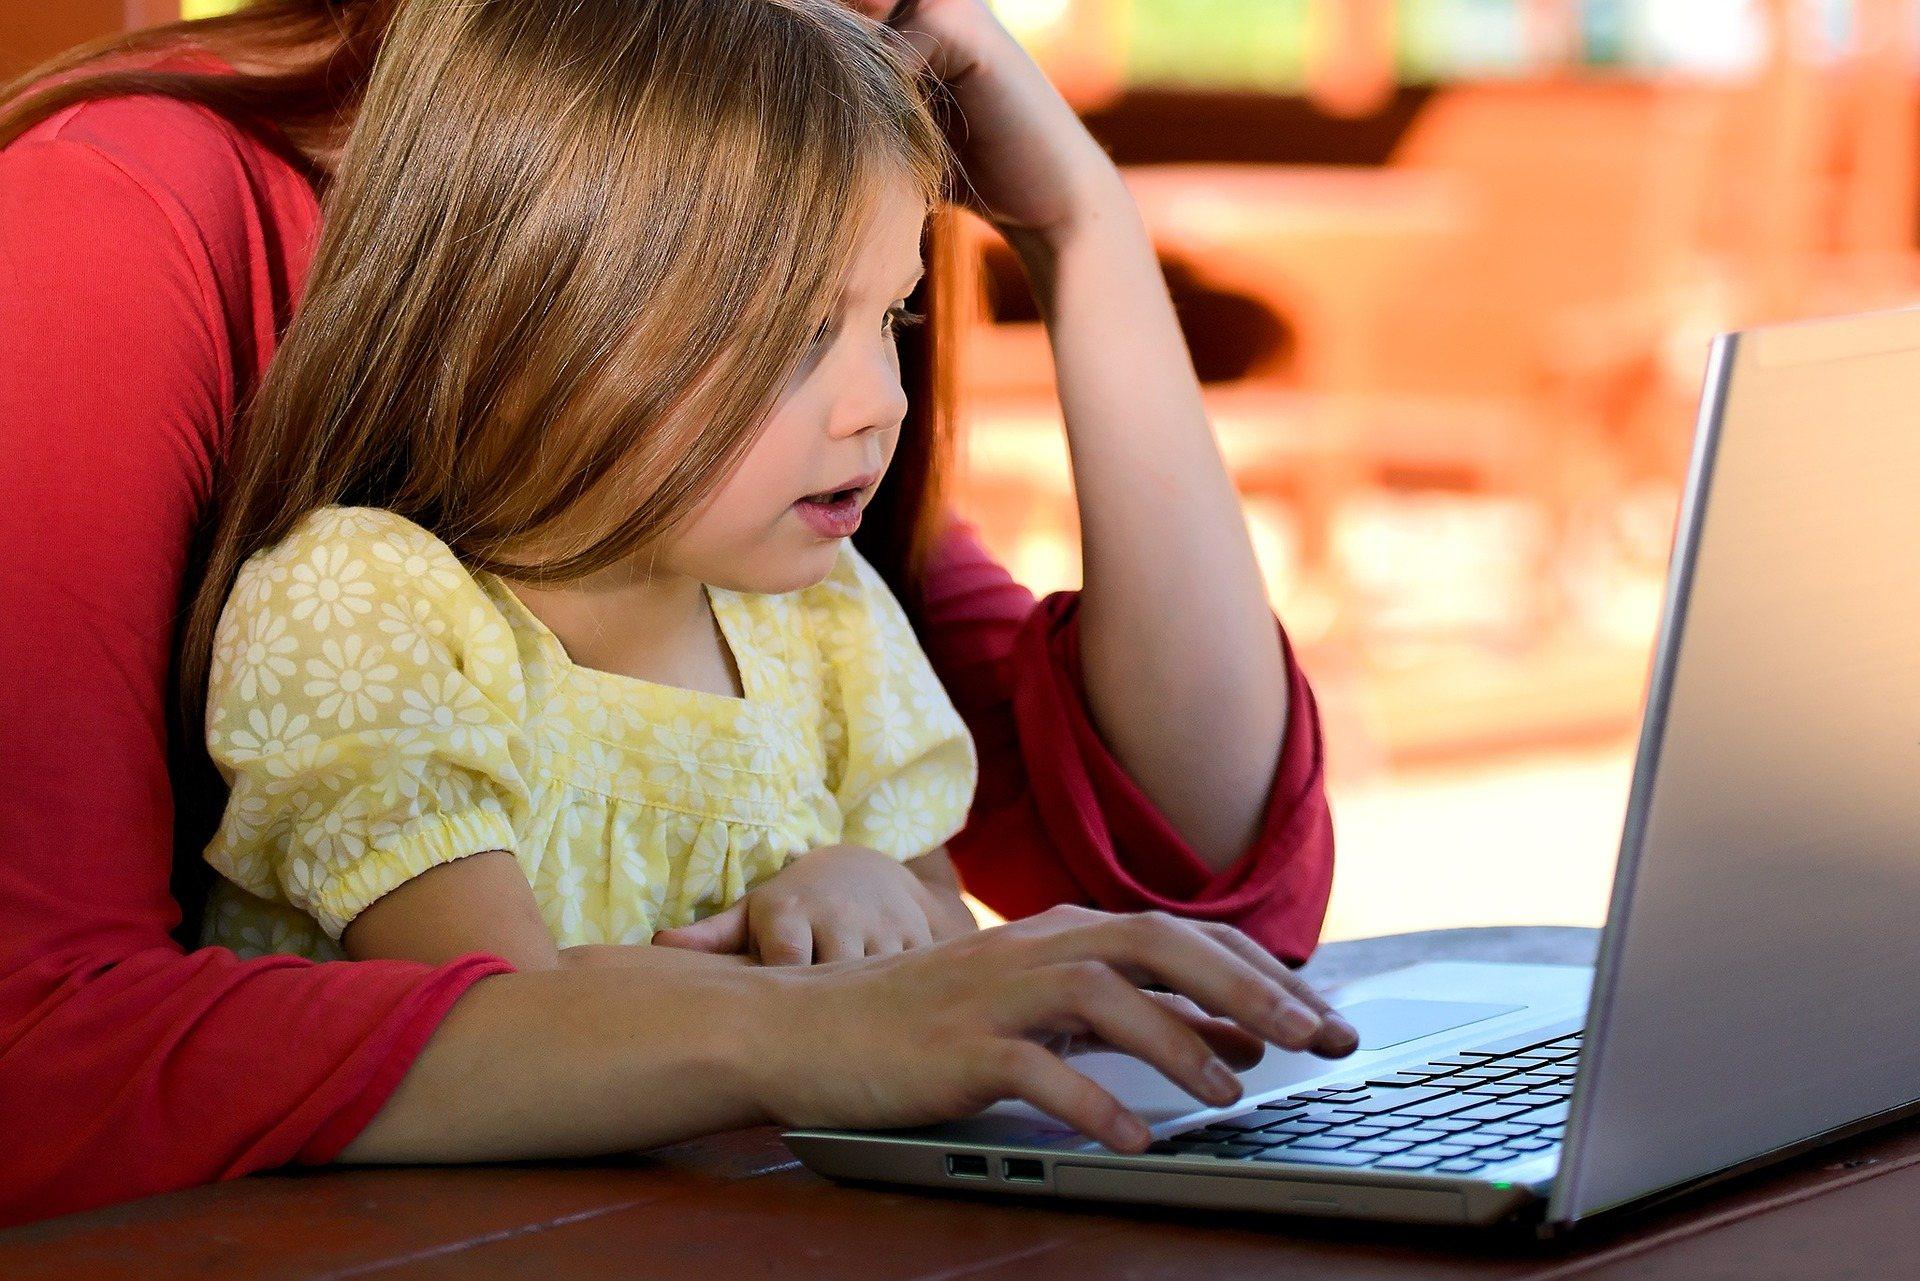 Patarimai mokytojams ir tėvams, kaip padėti vaikams saugiai bei efektyviai mokytis internete